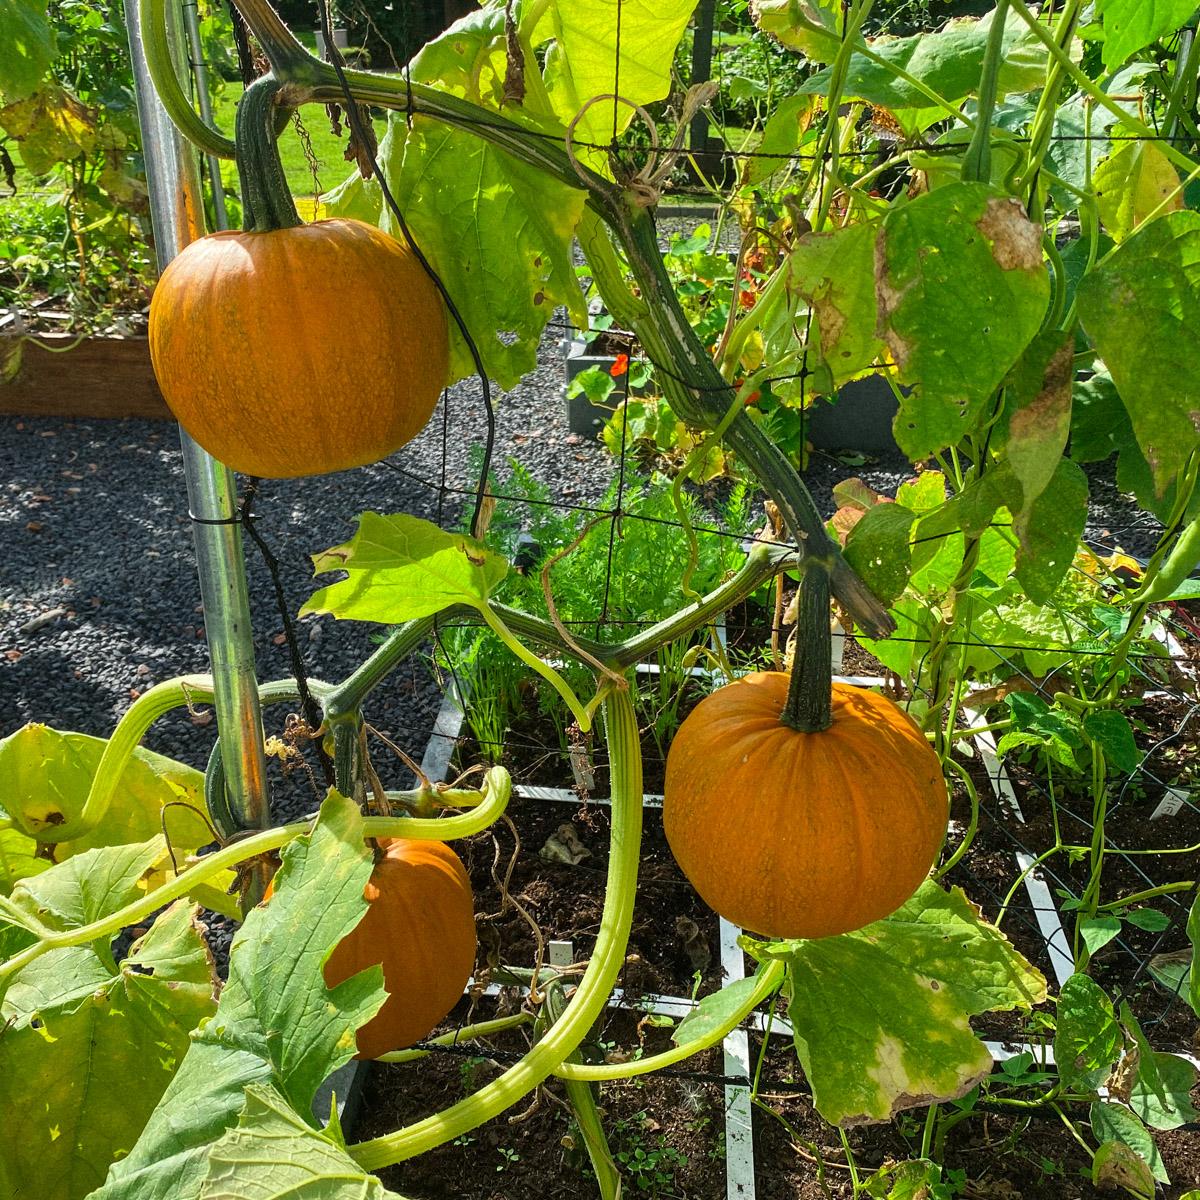 blog-1-sept-2021-tour-of-the-planty-garden16.jpg